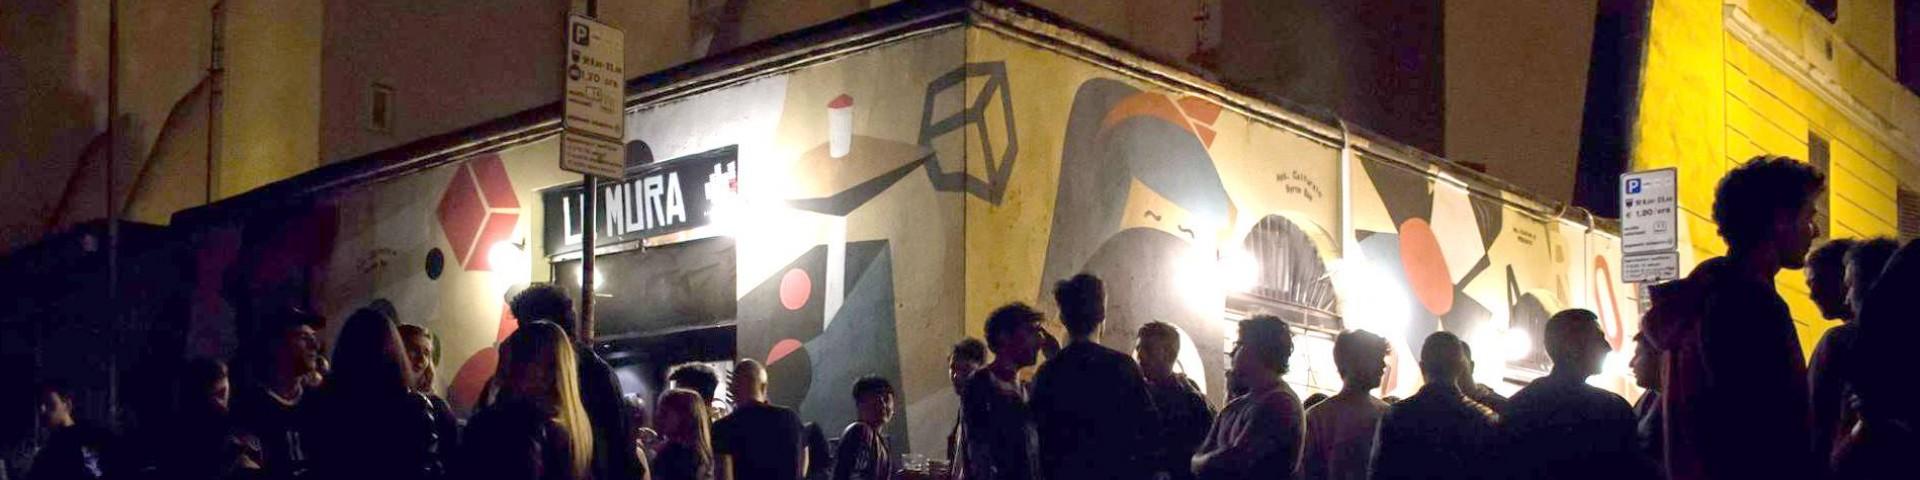 """Le Mura a Roma chiuso temporaneamente: """"Abbiamo bisogno del vostro sostegno"""""""